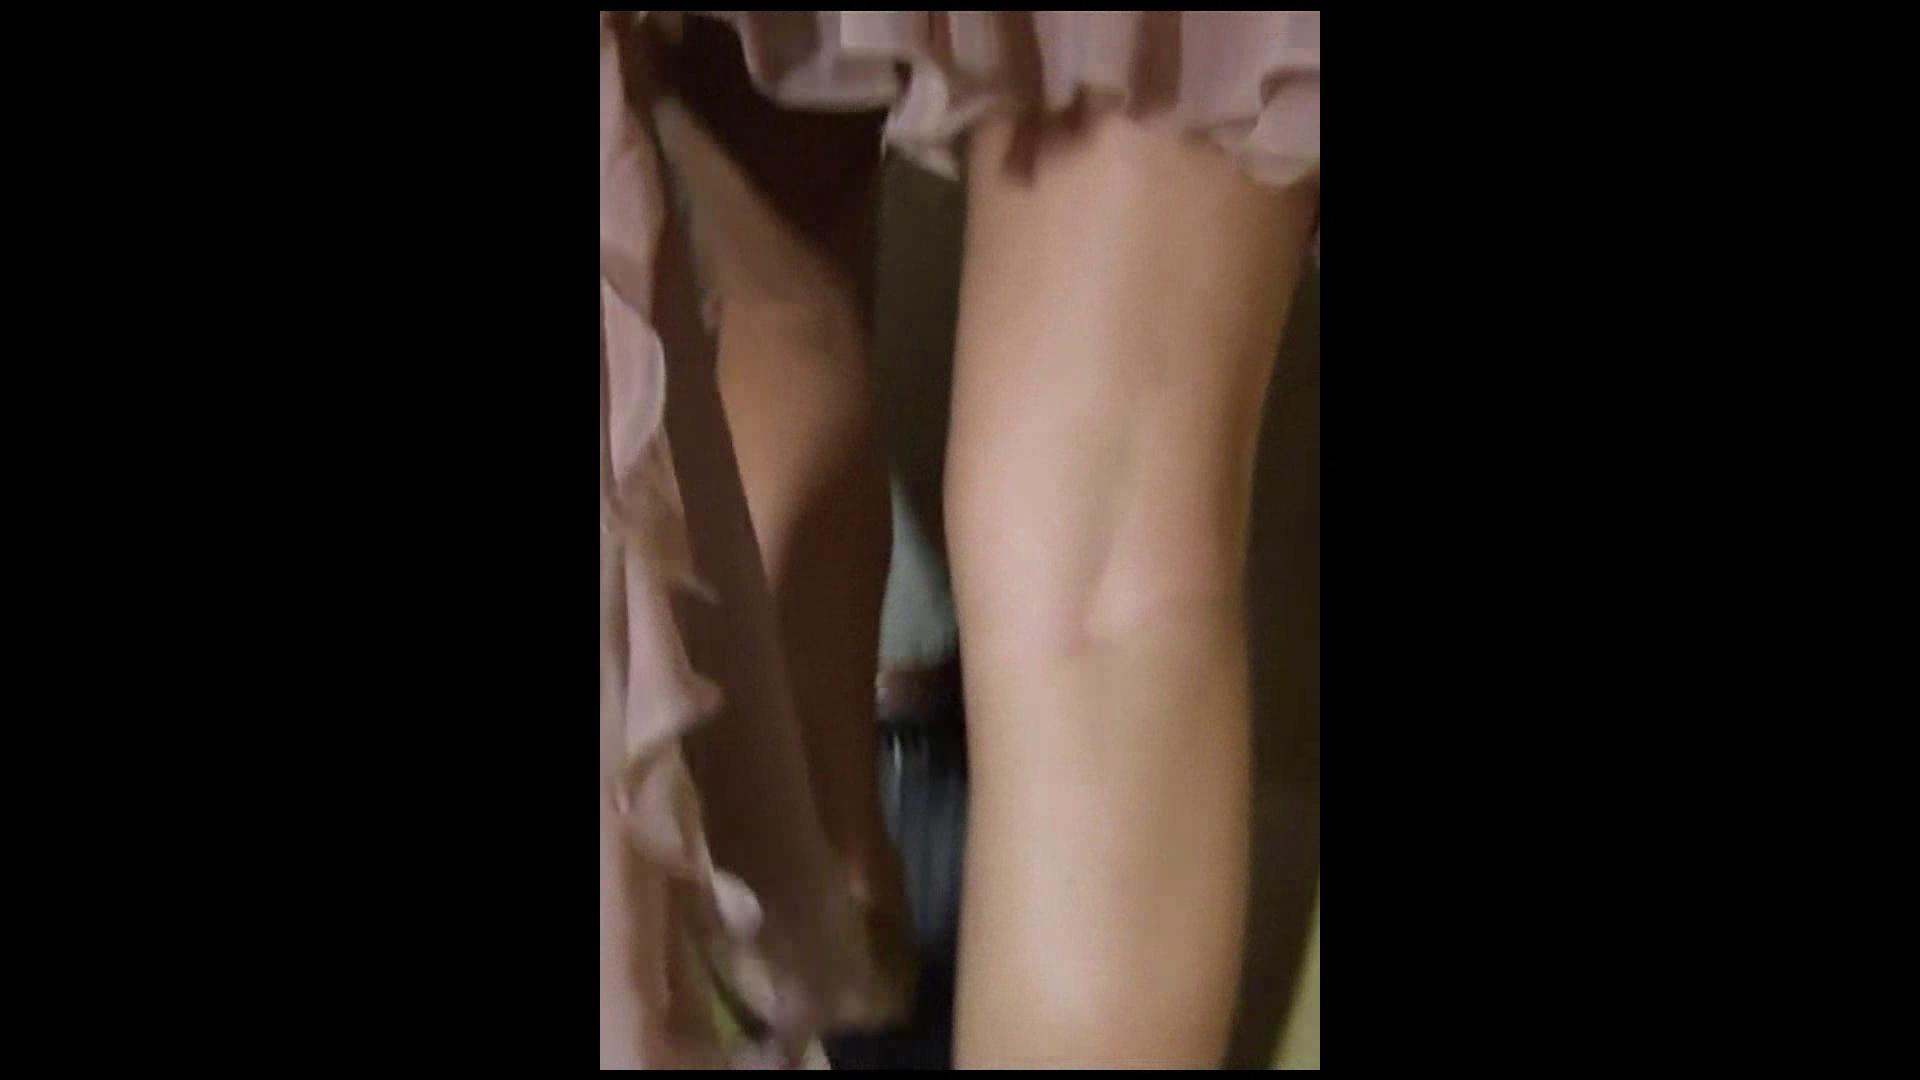 綺麗なモデルさんのスカート捲っちゃおう‼vol03 Hなお姉さん   HなOL  87pic 41